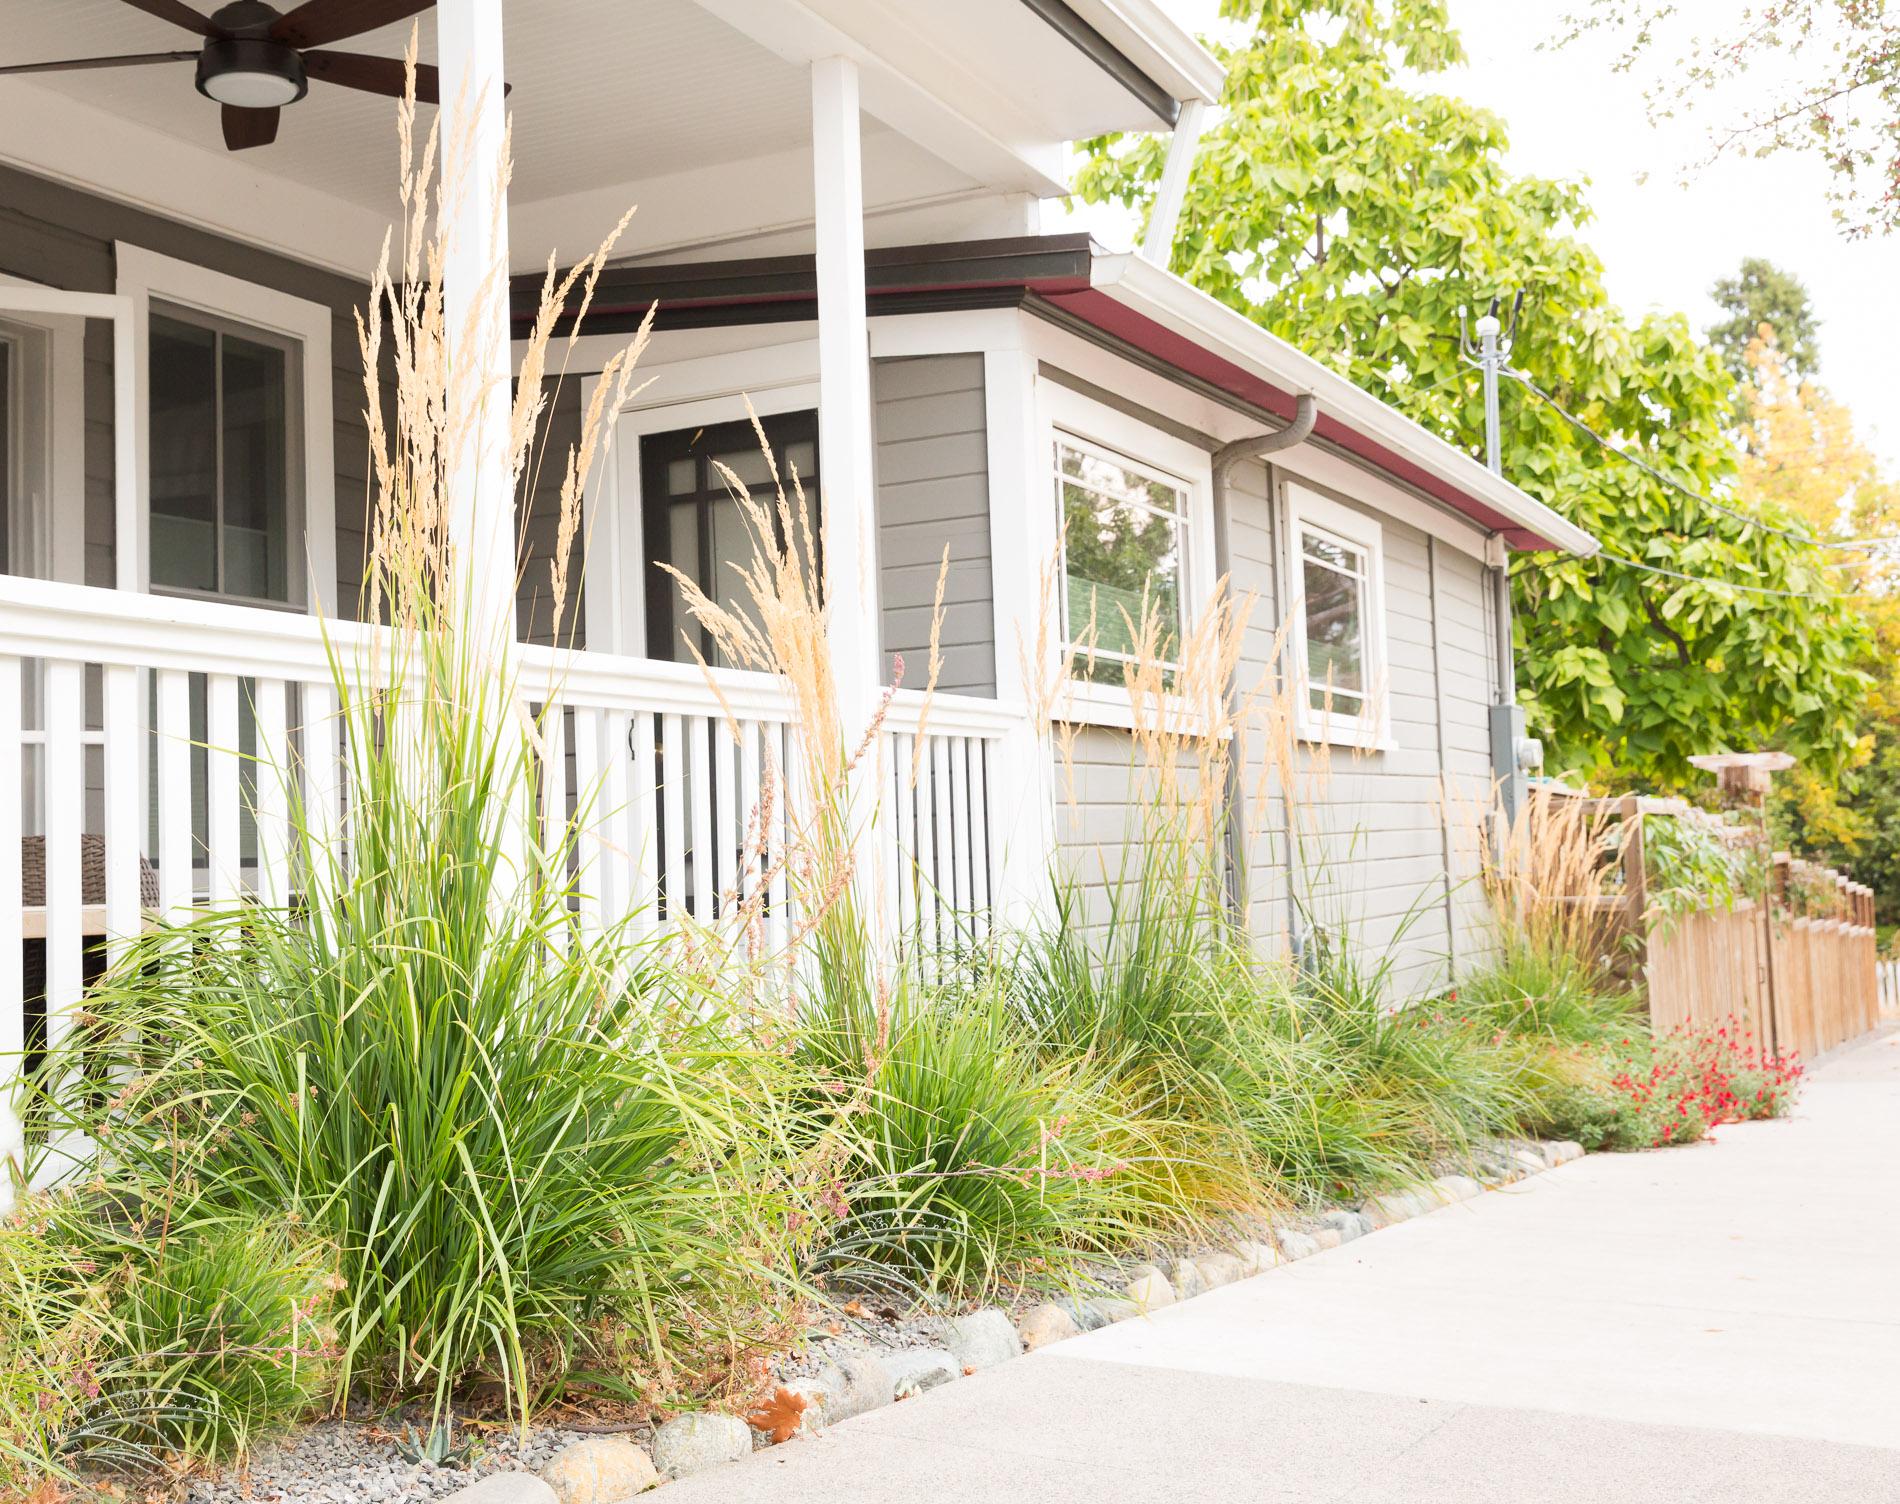 Sidewalk Garden + Street-Side Interest + Drought-Tolerant Perennials + Feather Reed Grass